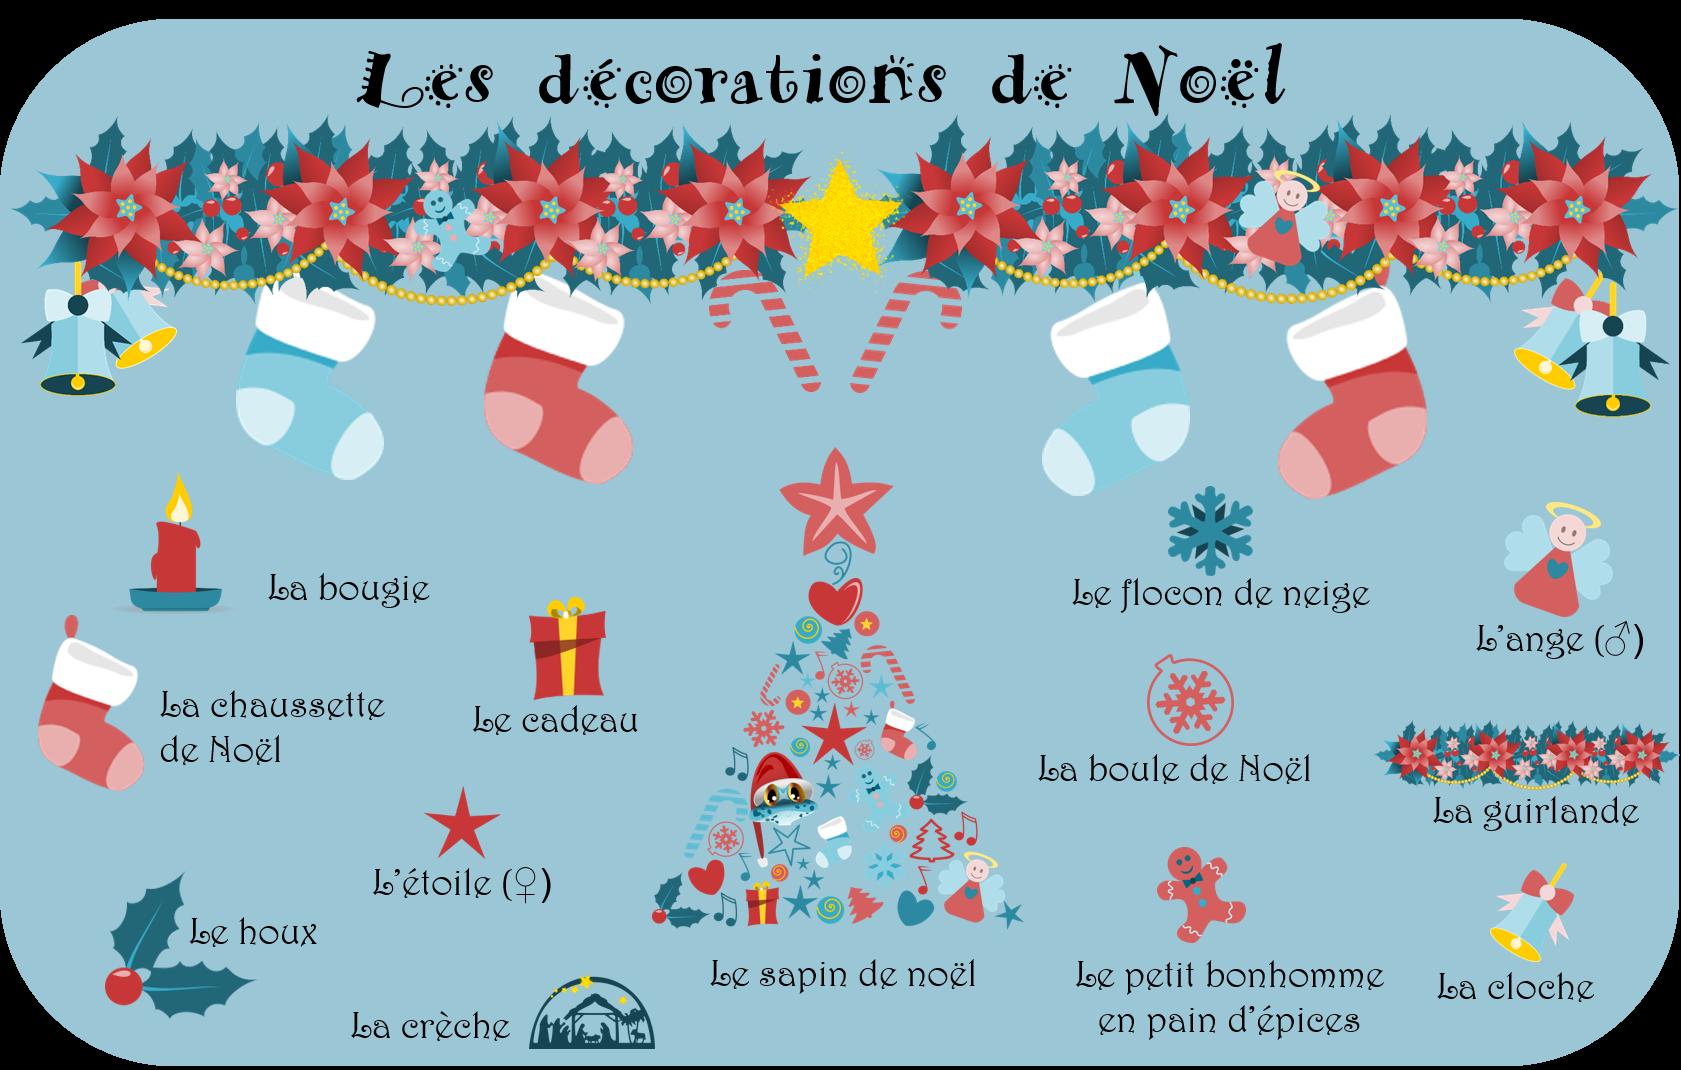 Les décorations de Noël